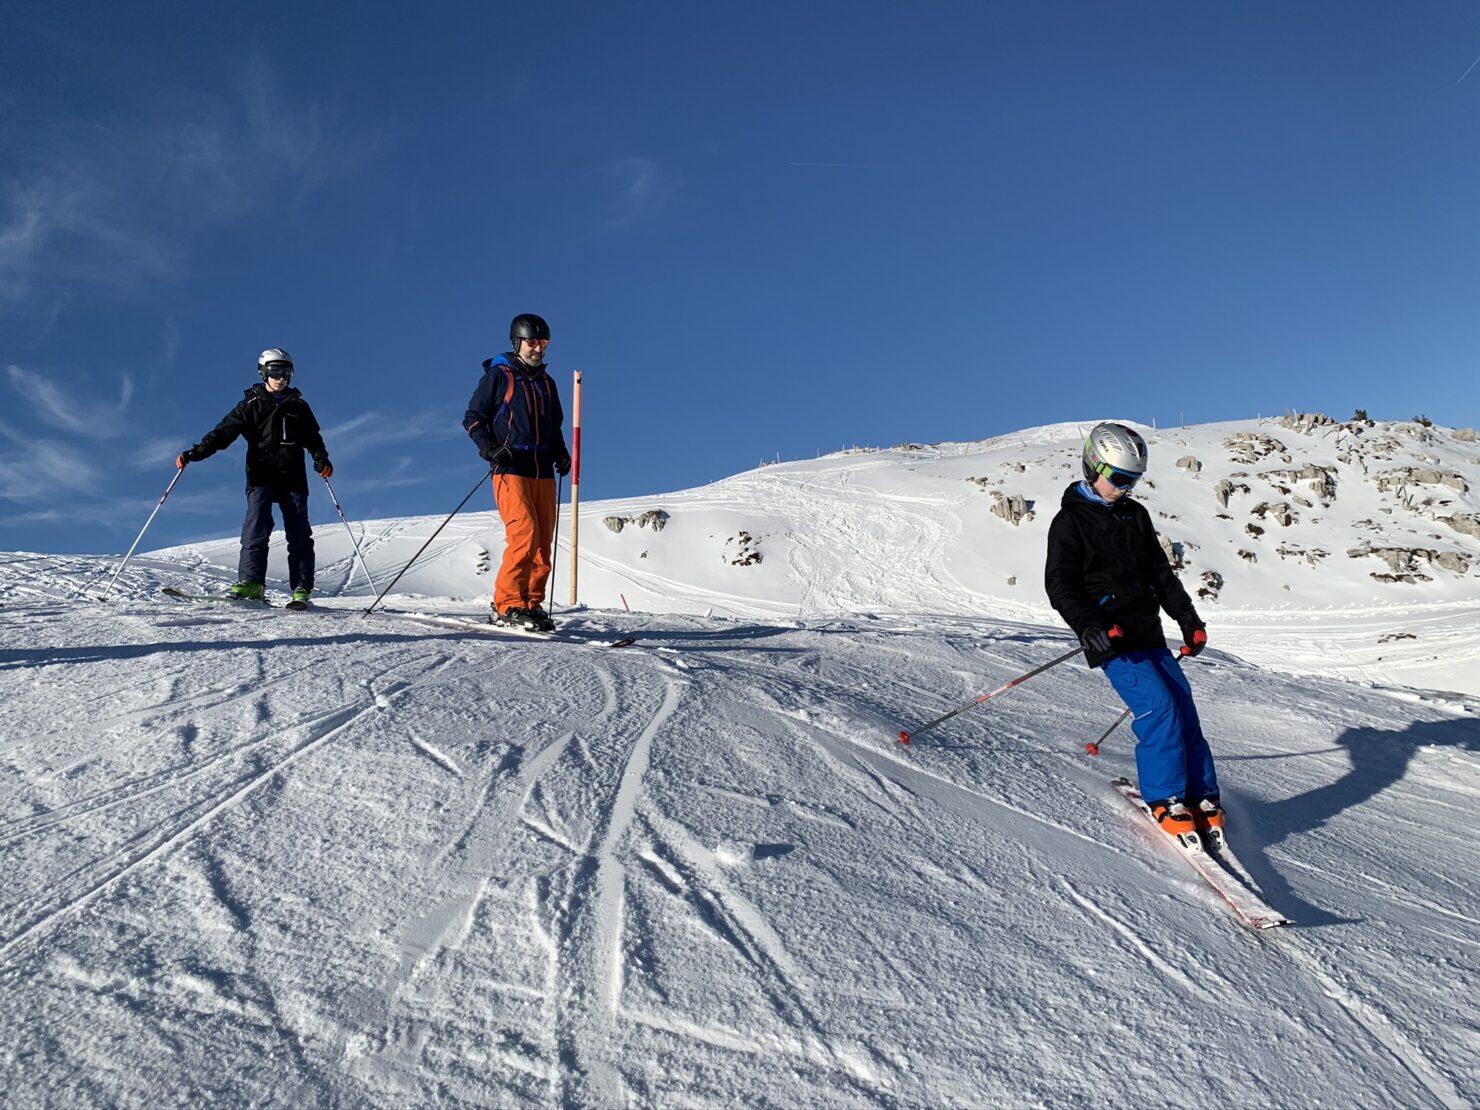 Stoos: Familienfreundliche Skipisten für Gross und Klein